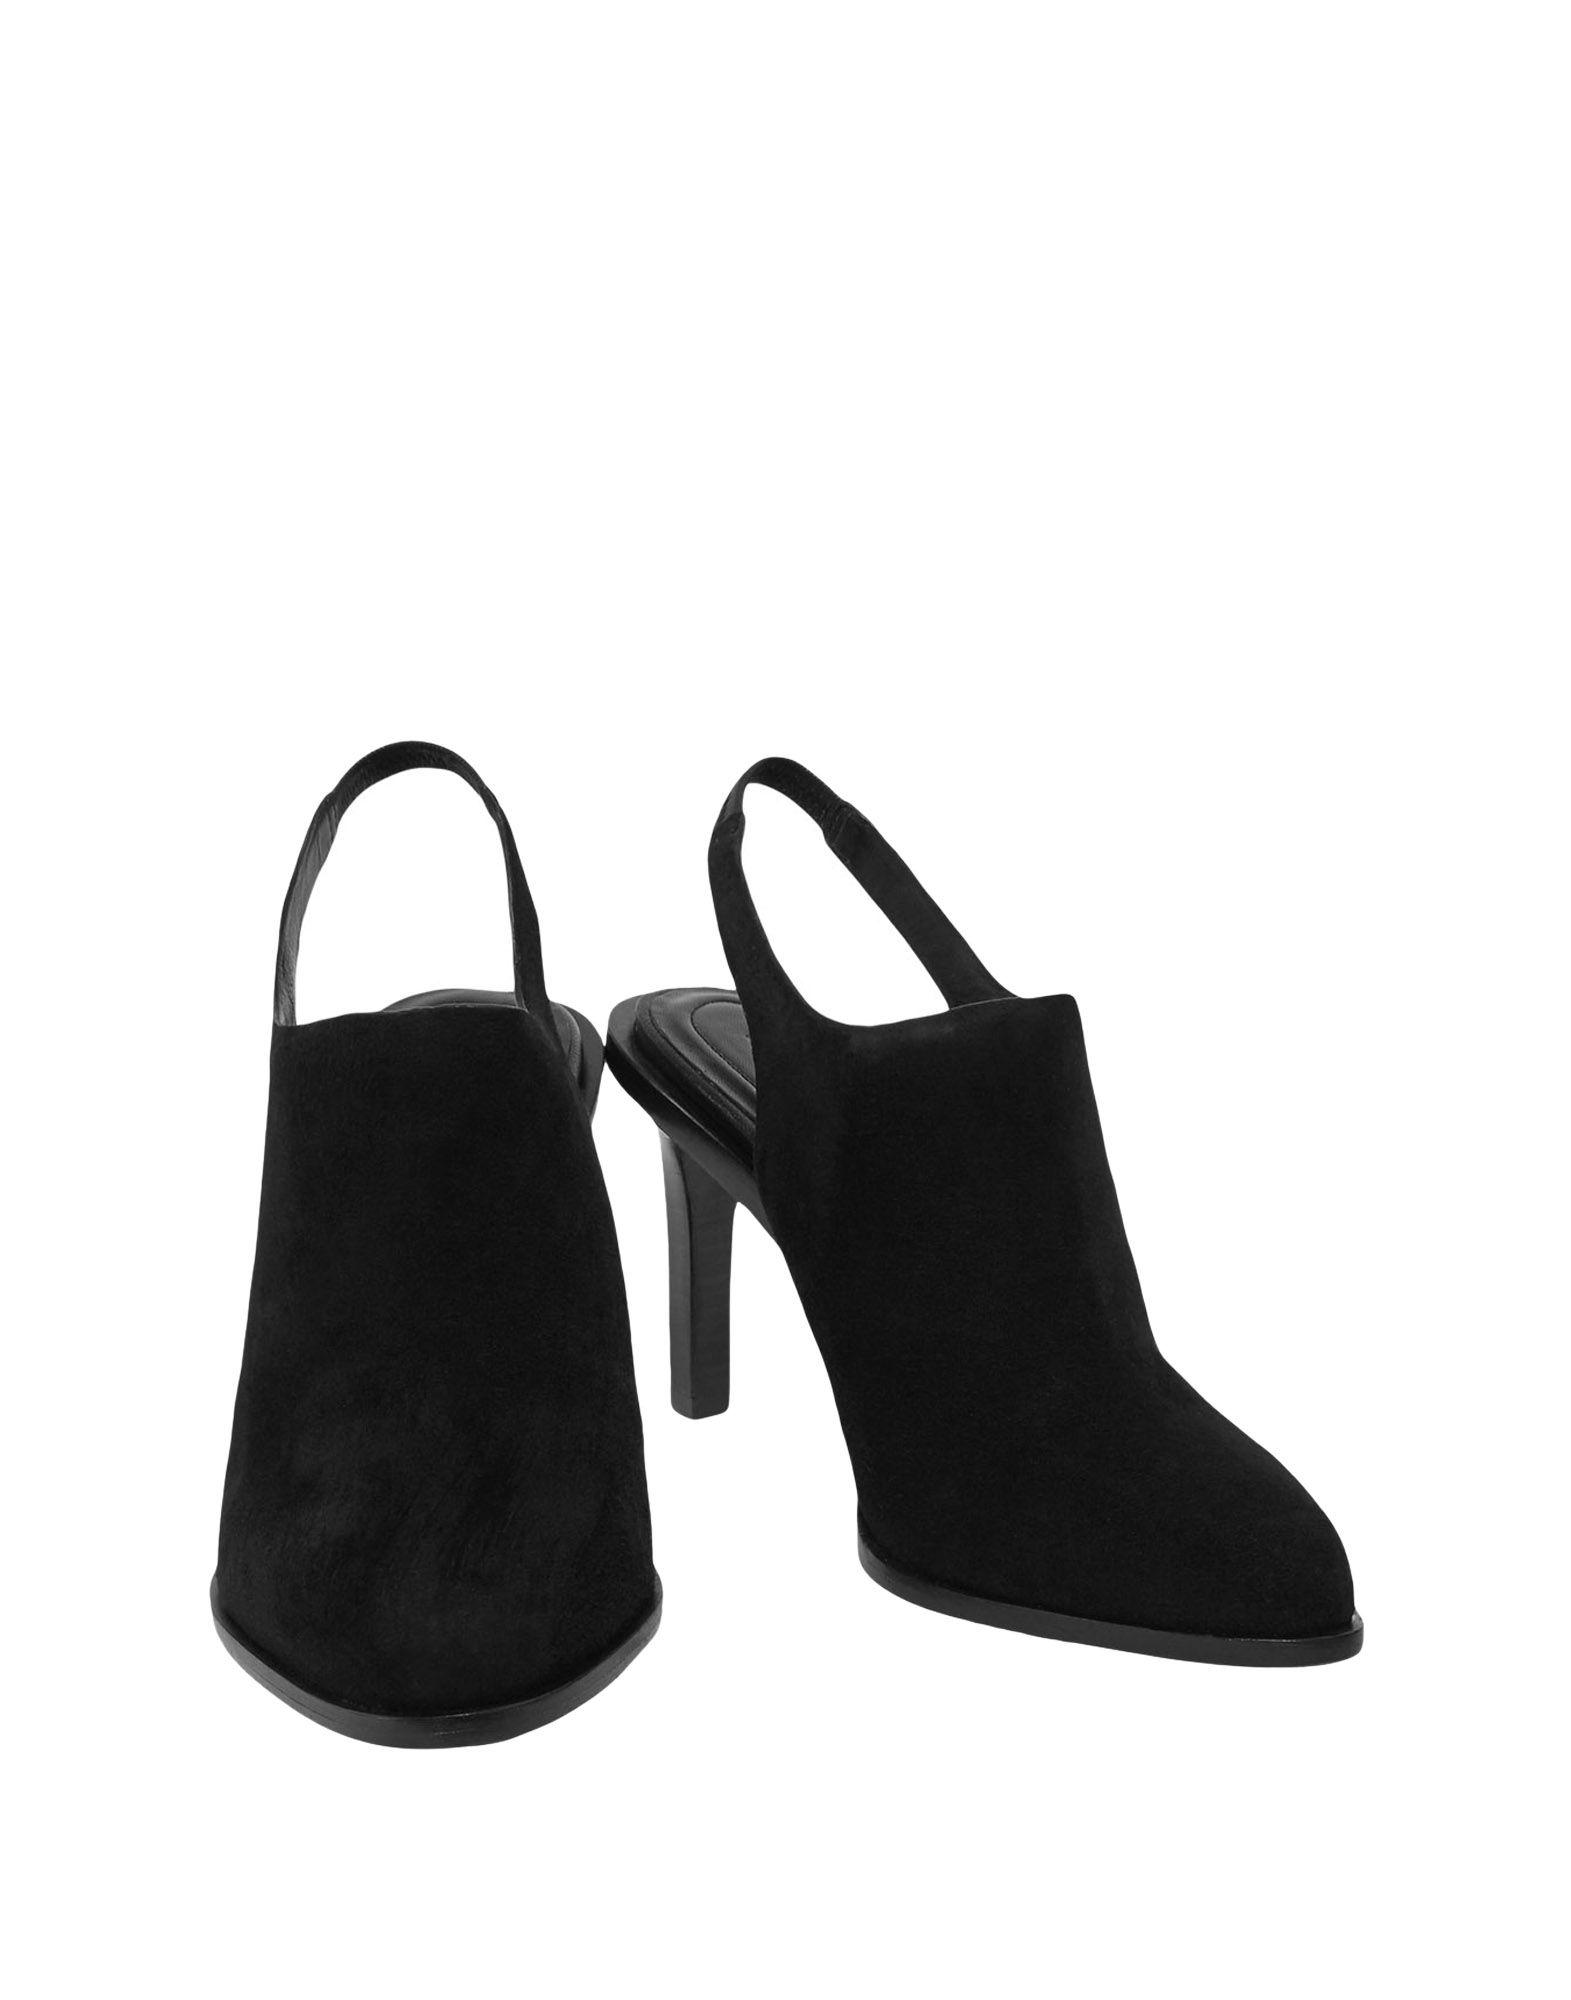 Mocassino Ebarrito offerte Donna - 11555027UQ Nuove offerte Ebarrito e scarpe comode c8989a